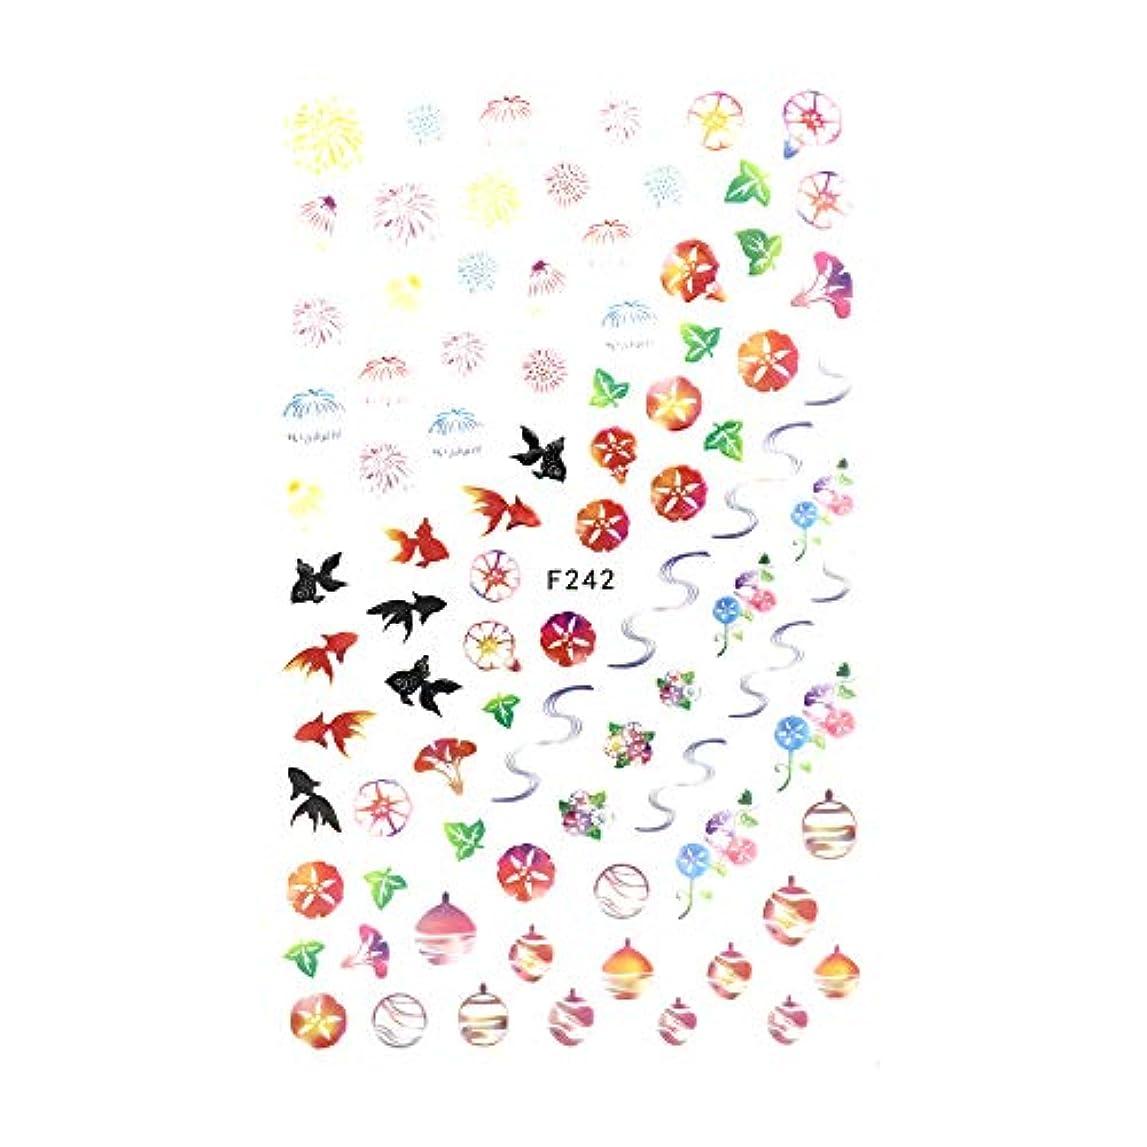 突然キャッチするだろうirogel イロジェル ネイルシール 和夏シール【F242】日本 風物詩 祭り 浴衣 花火 金魚